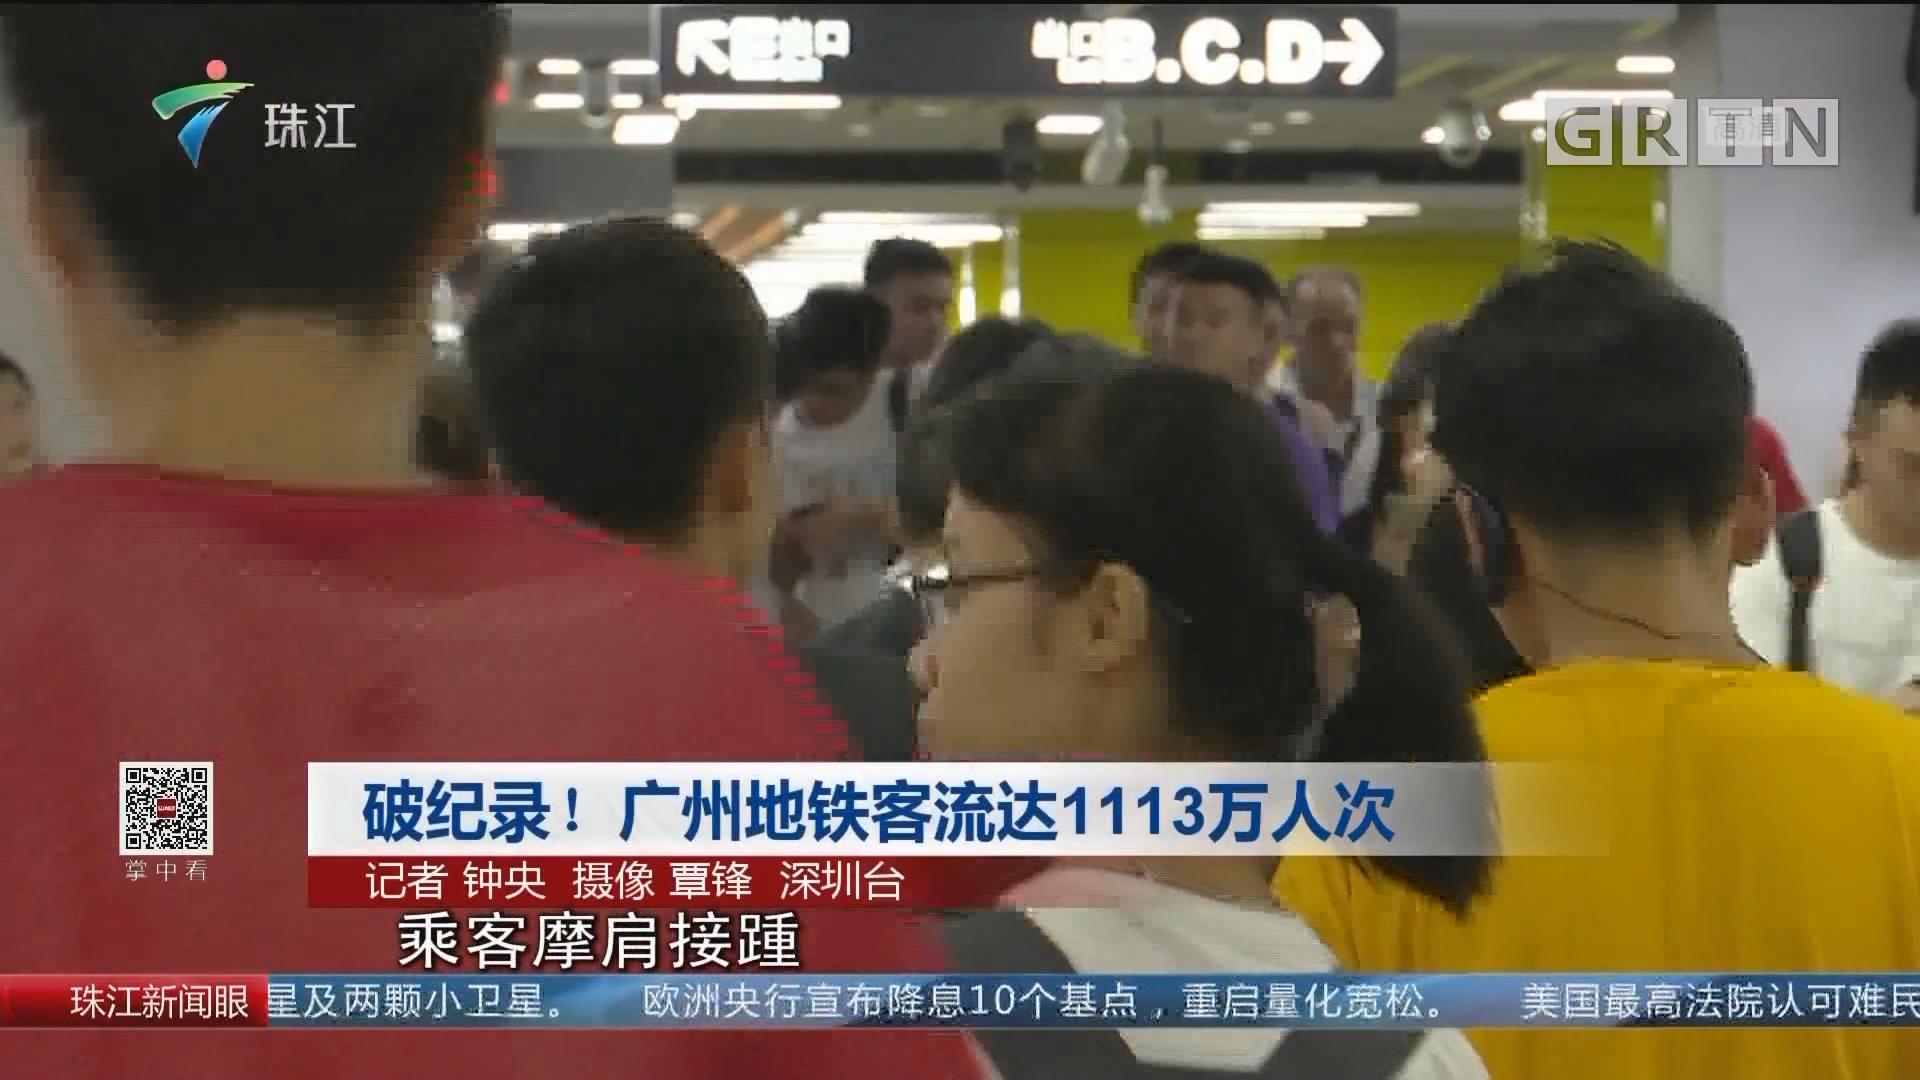 破纪录!广州地铁客流达1113万人次